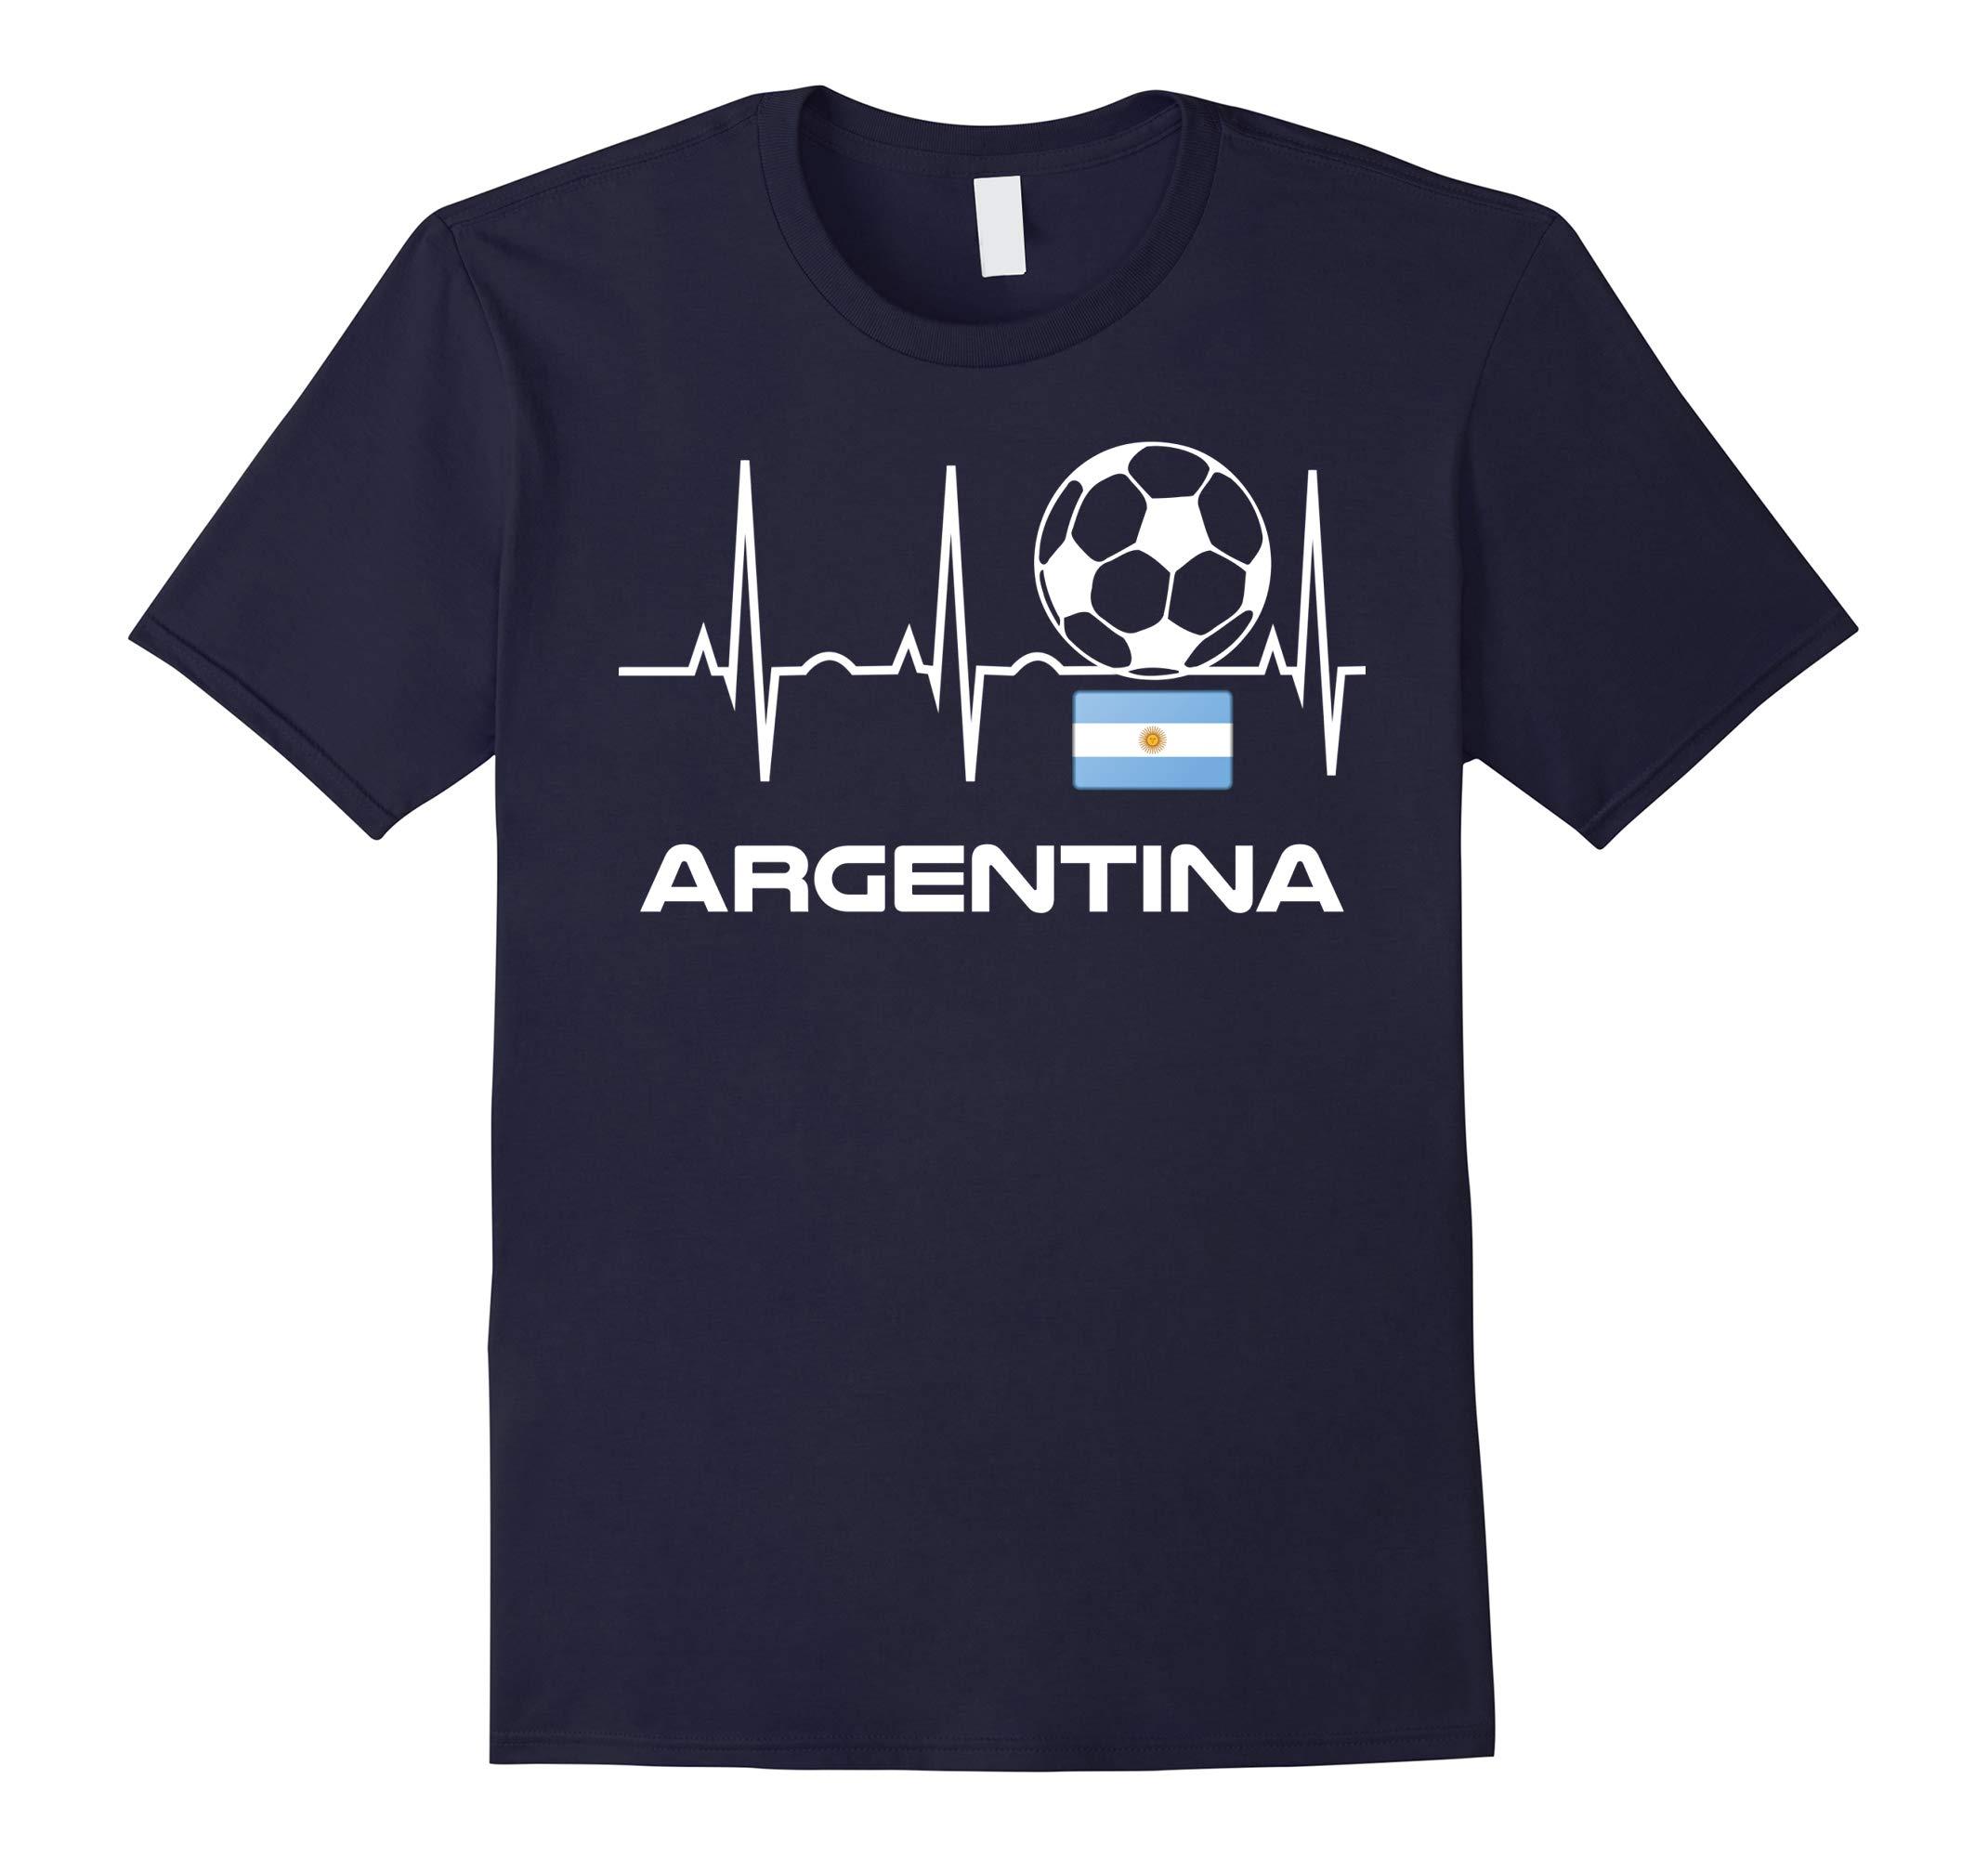 Argentina Soccer Jersey T-Shirt - Best Argentina Futbol Tee-RT